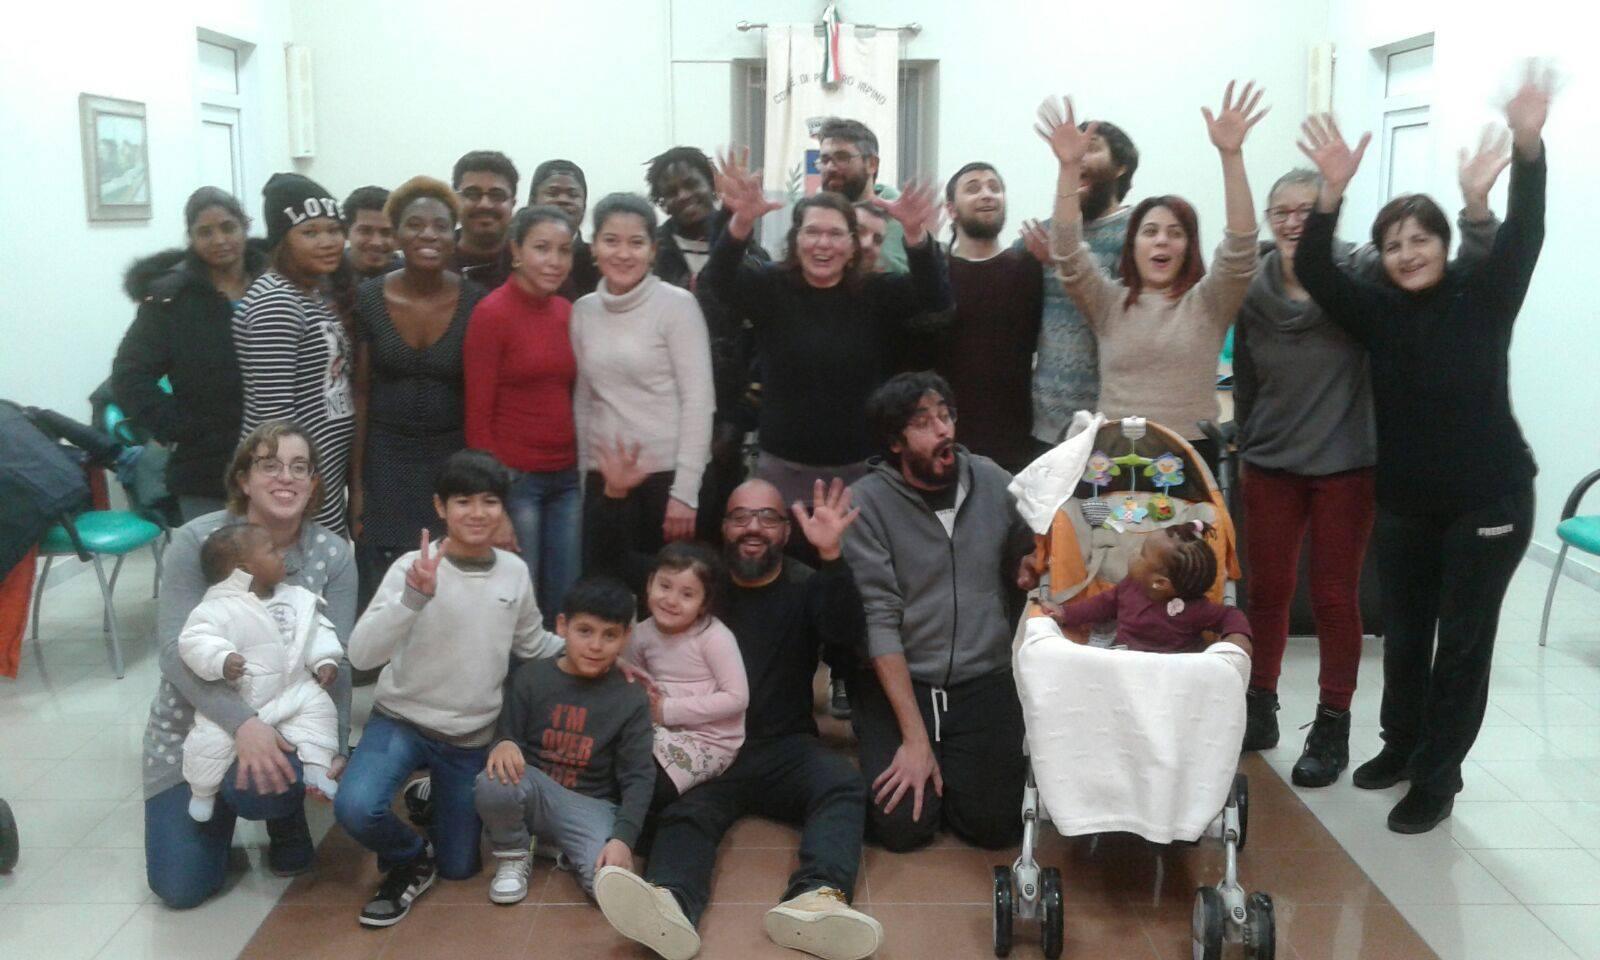 Petruro Irpino, accoglienza esemplare dei migranti